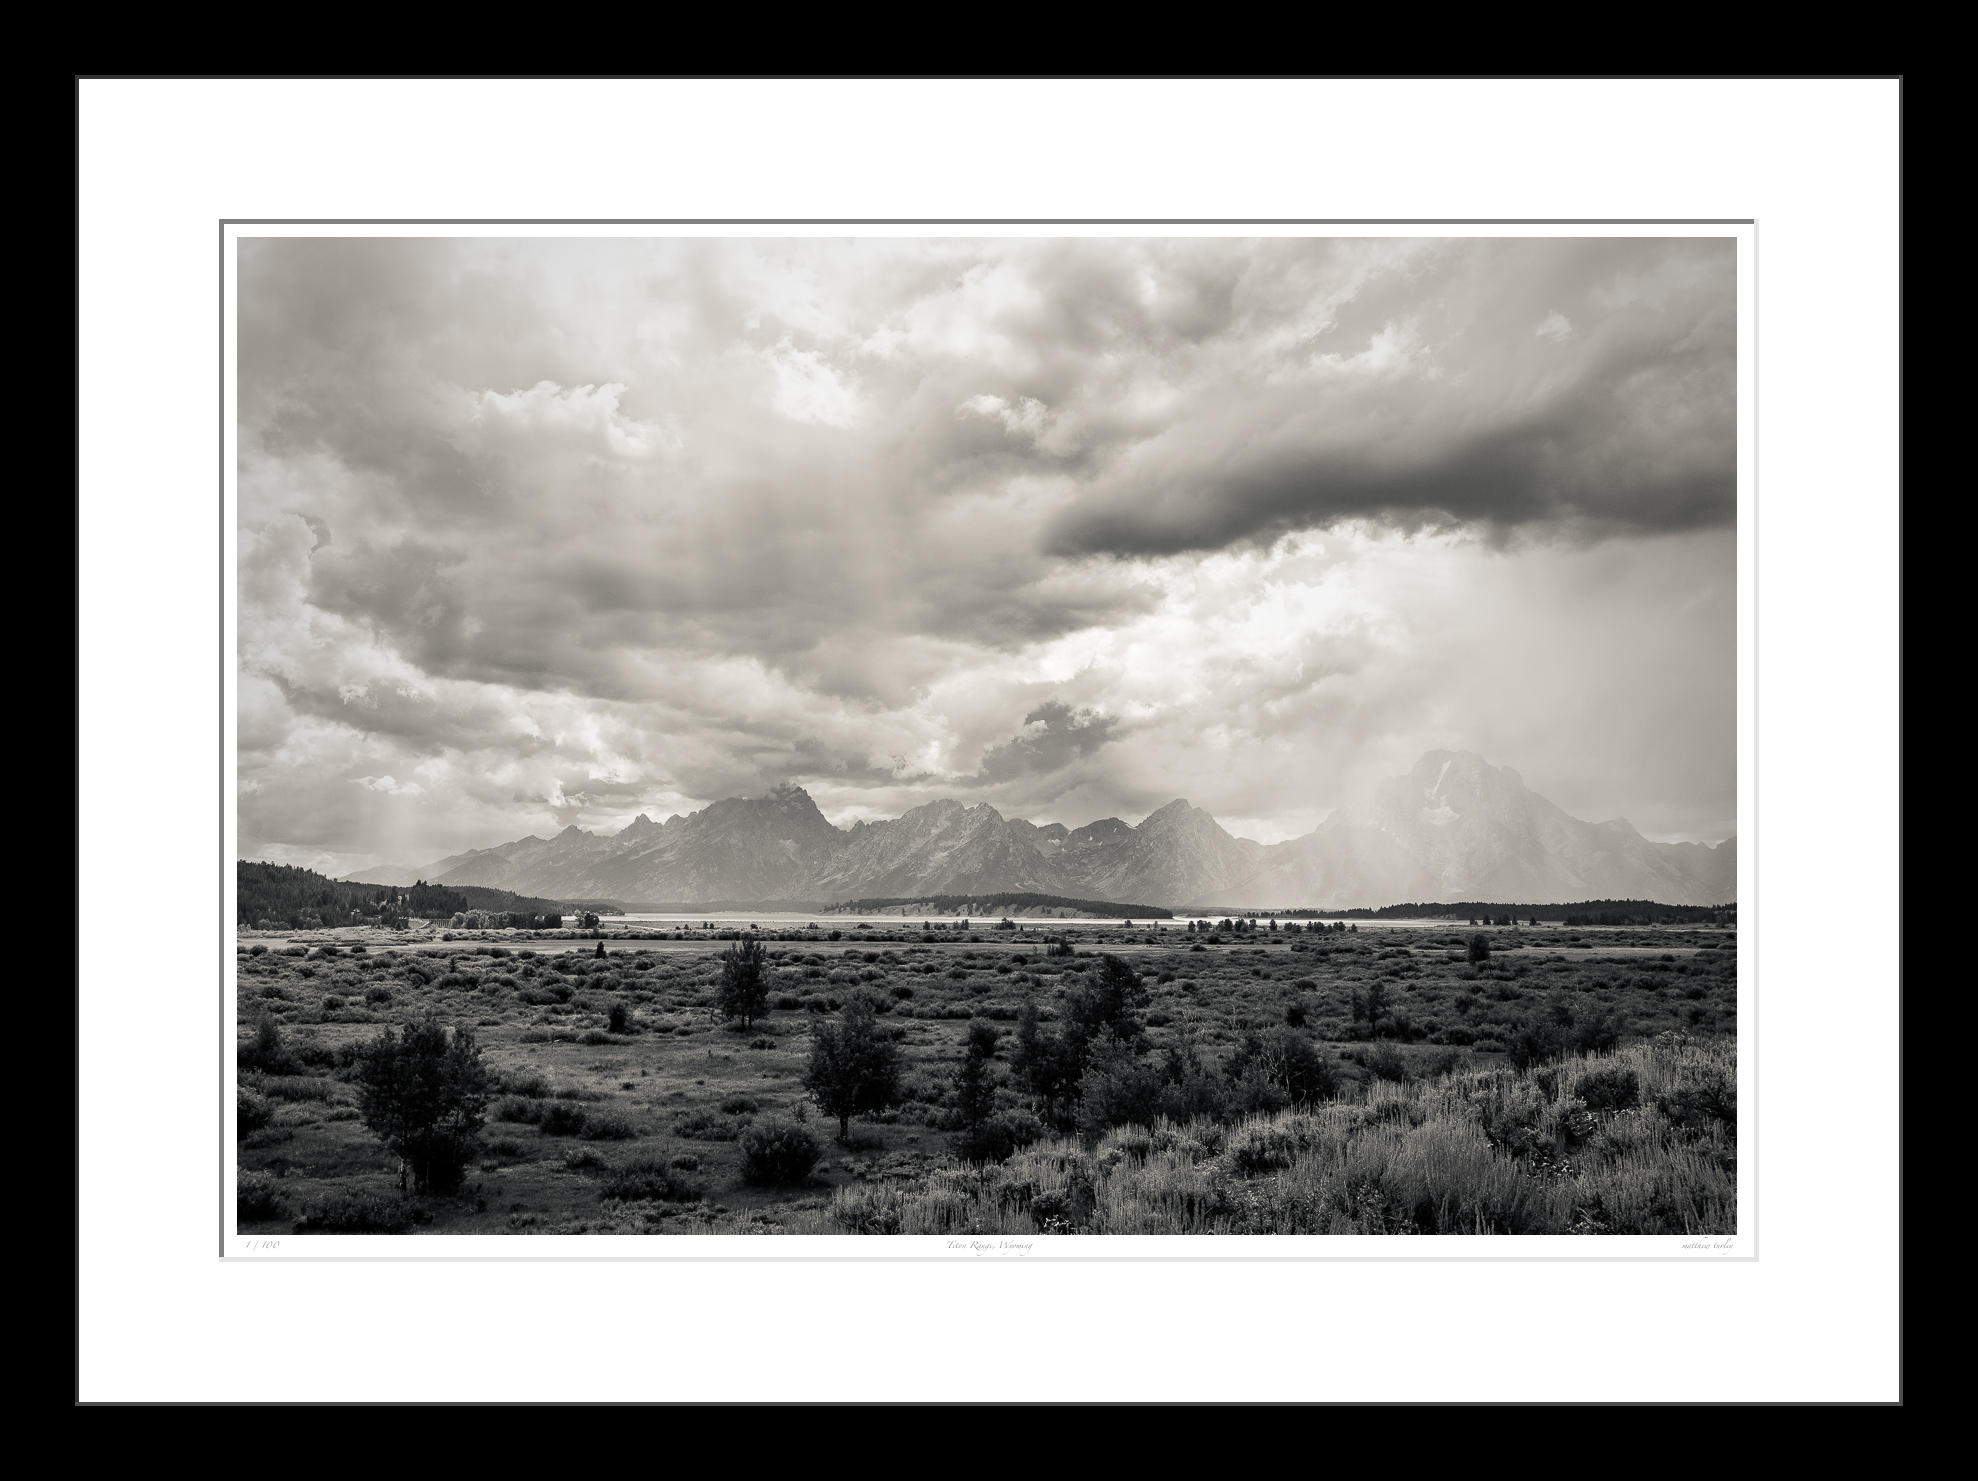 Teton Range, Wyoming